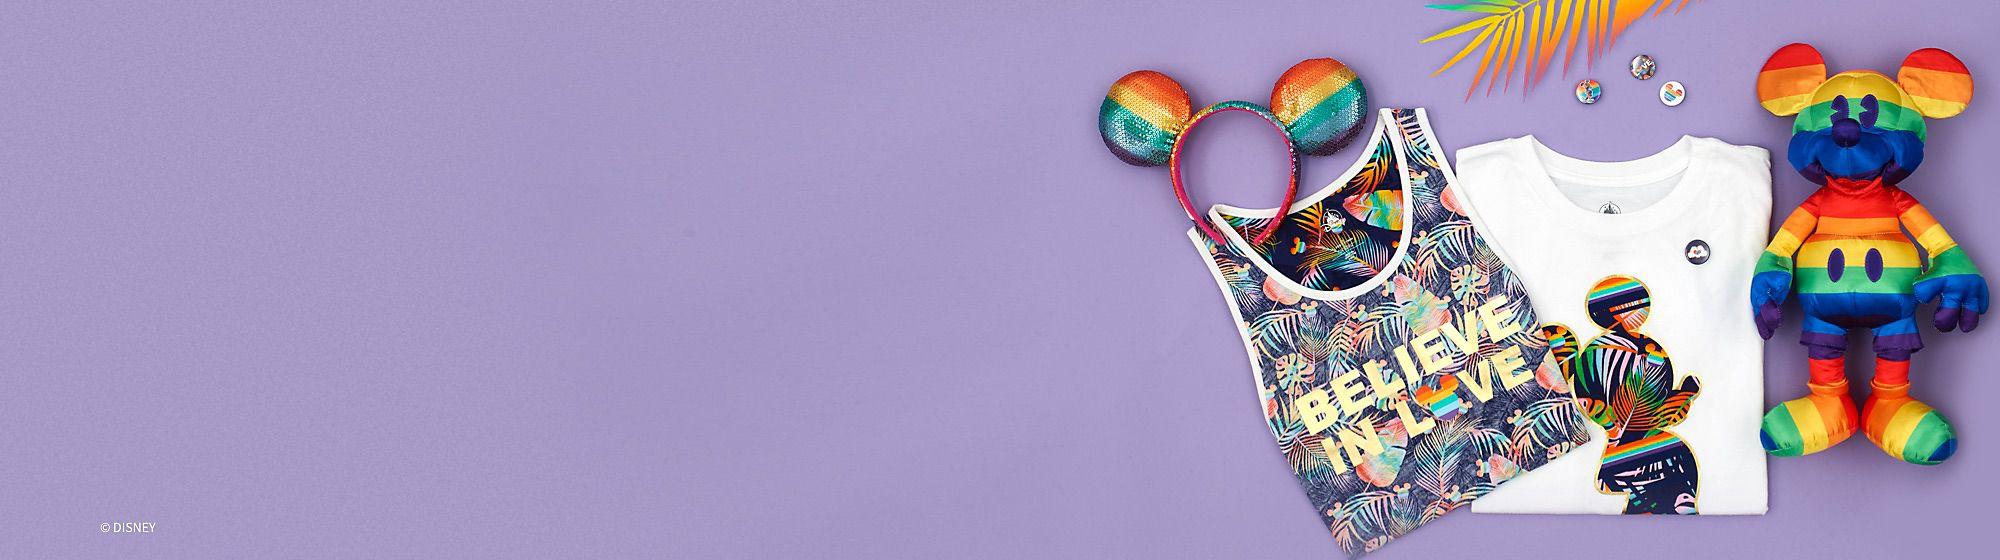 Disney Rainbow Collection Wir feiern Pride! Pünktlich zur CSD Saison ist die Rainbow Disney Kollektion online und im Disney Store erhältlich.  Disney Pride unterstützt 2019 die Community mit einer Spende an Diversity München e.V.! Weitere Informationen hier